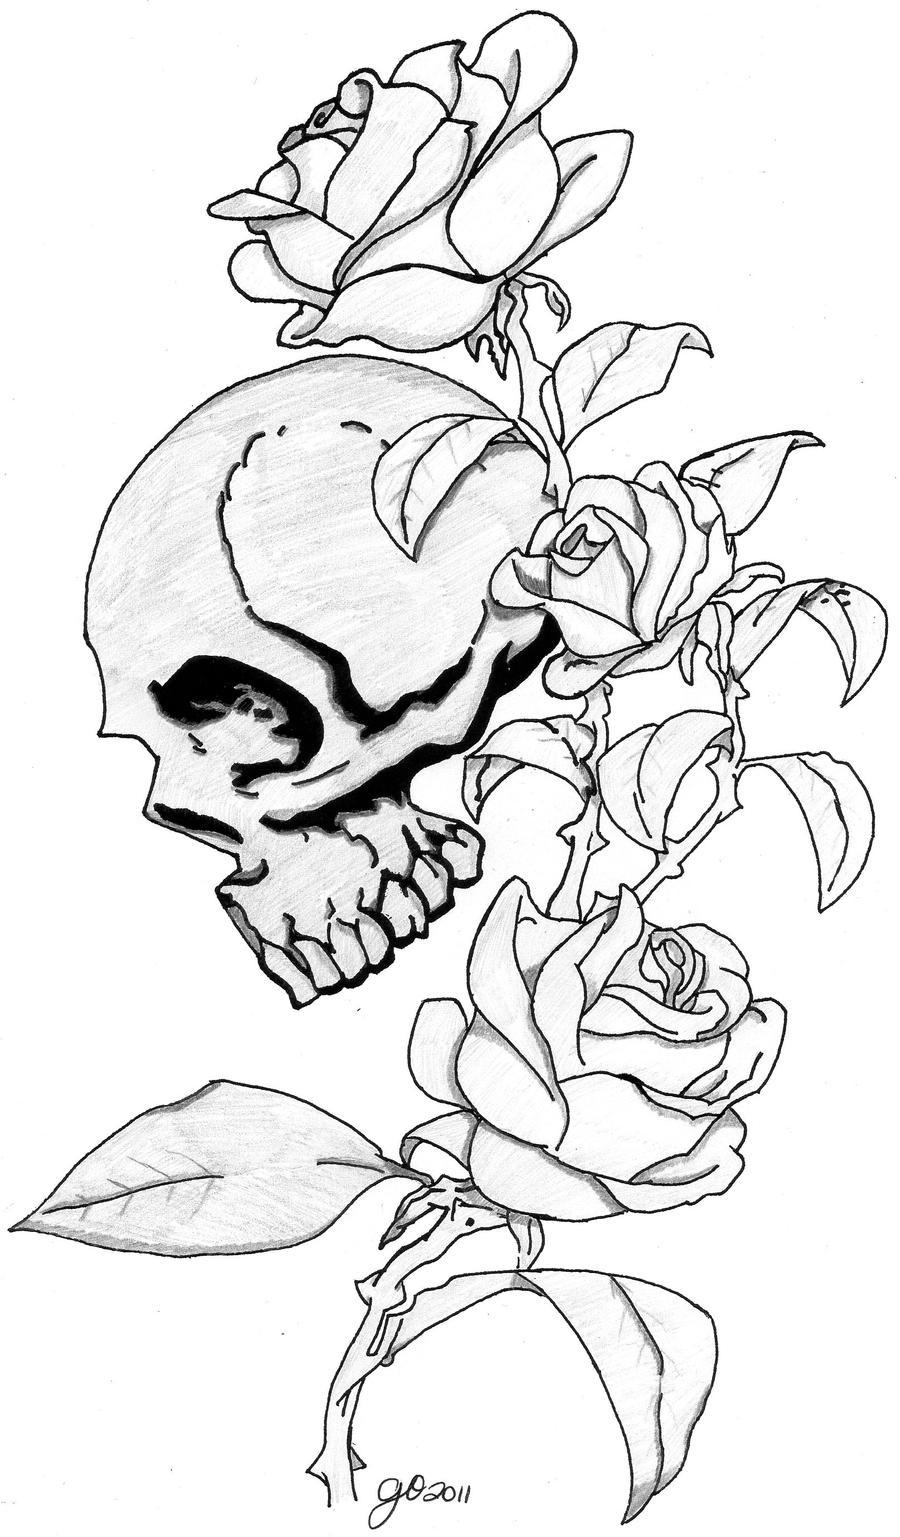 skull and roses by eltattooartist on deviantart